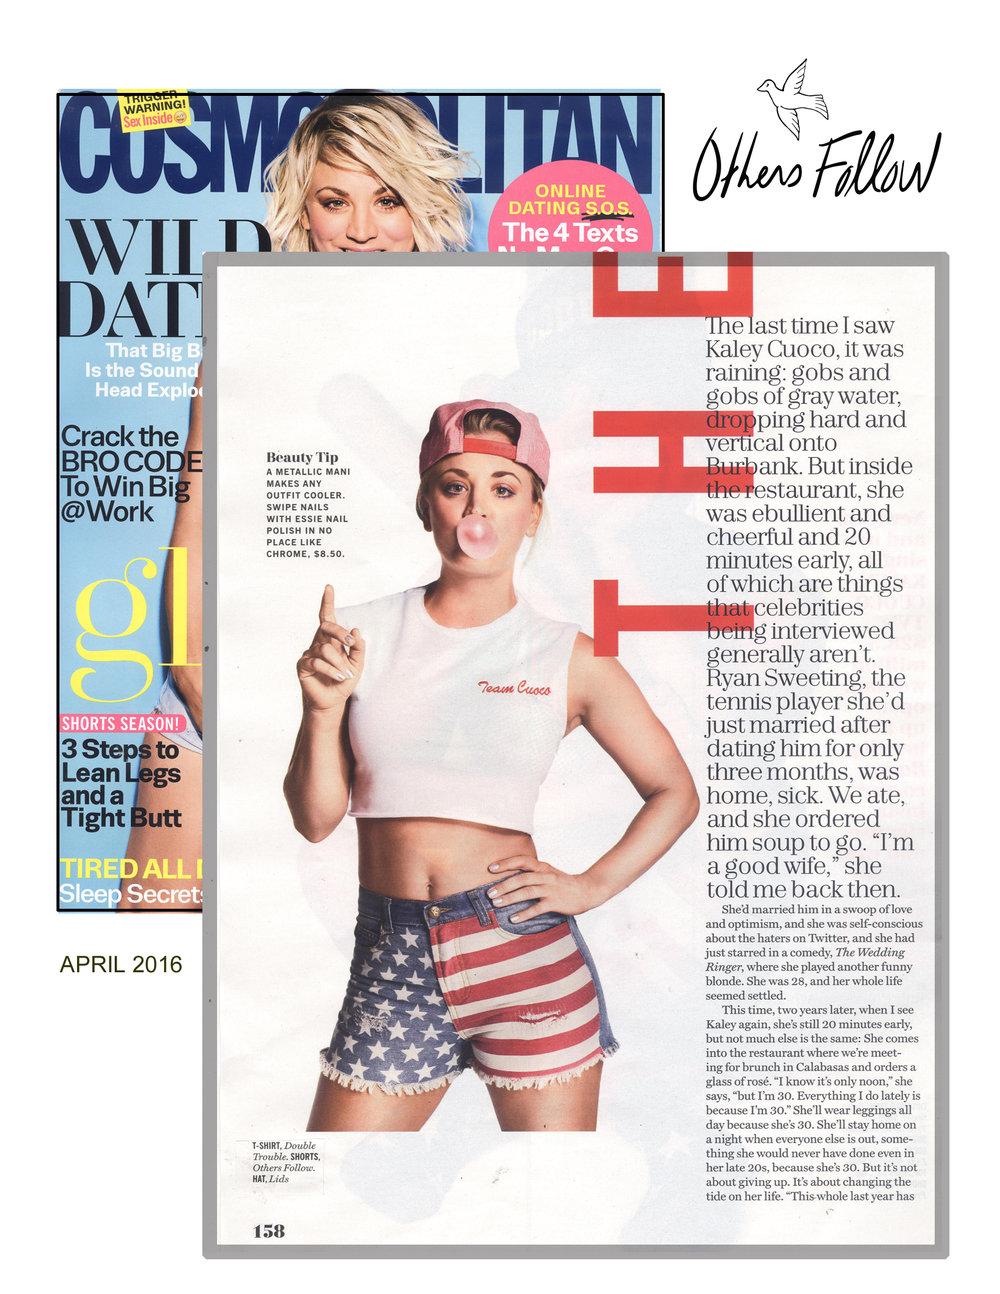 Others Follow_Cosmopolitan_April 2016_KaleyC.jpg